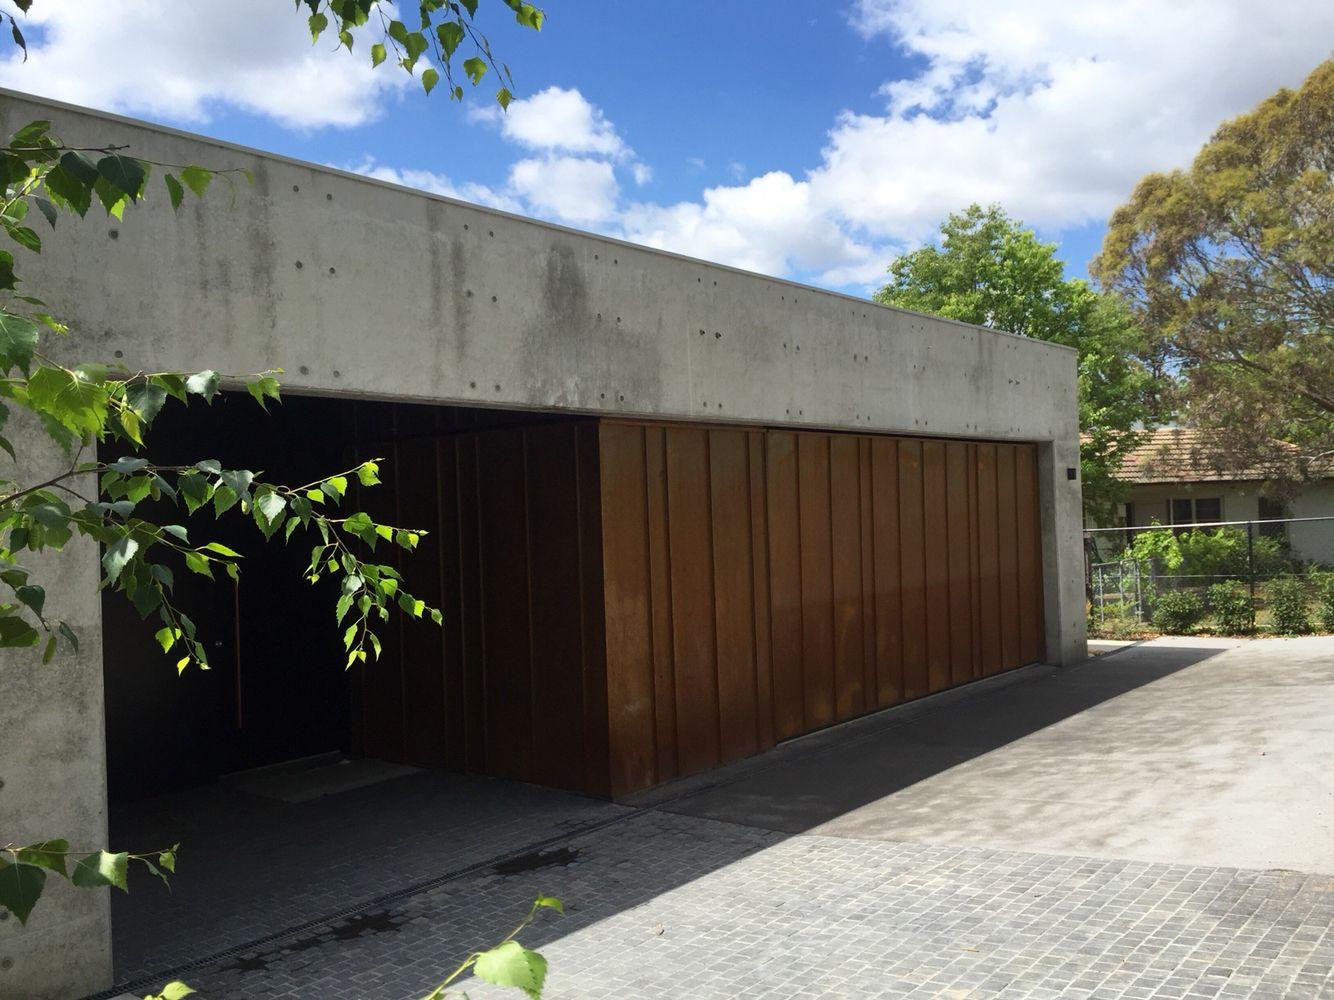 Concrete Corten Entry And Garage Concrete Facade Car Shed Garage Doors